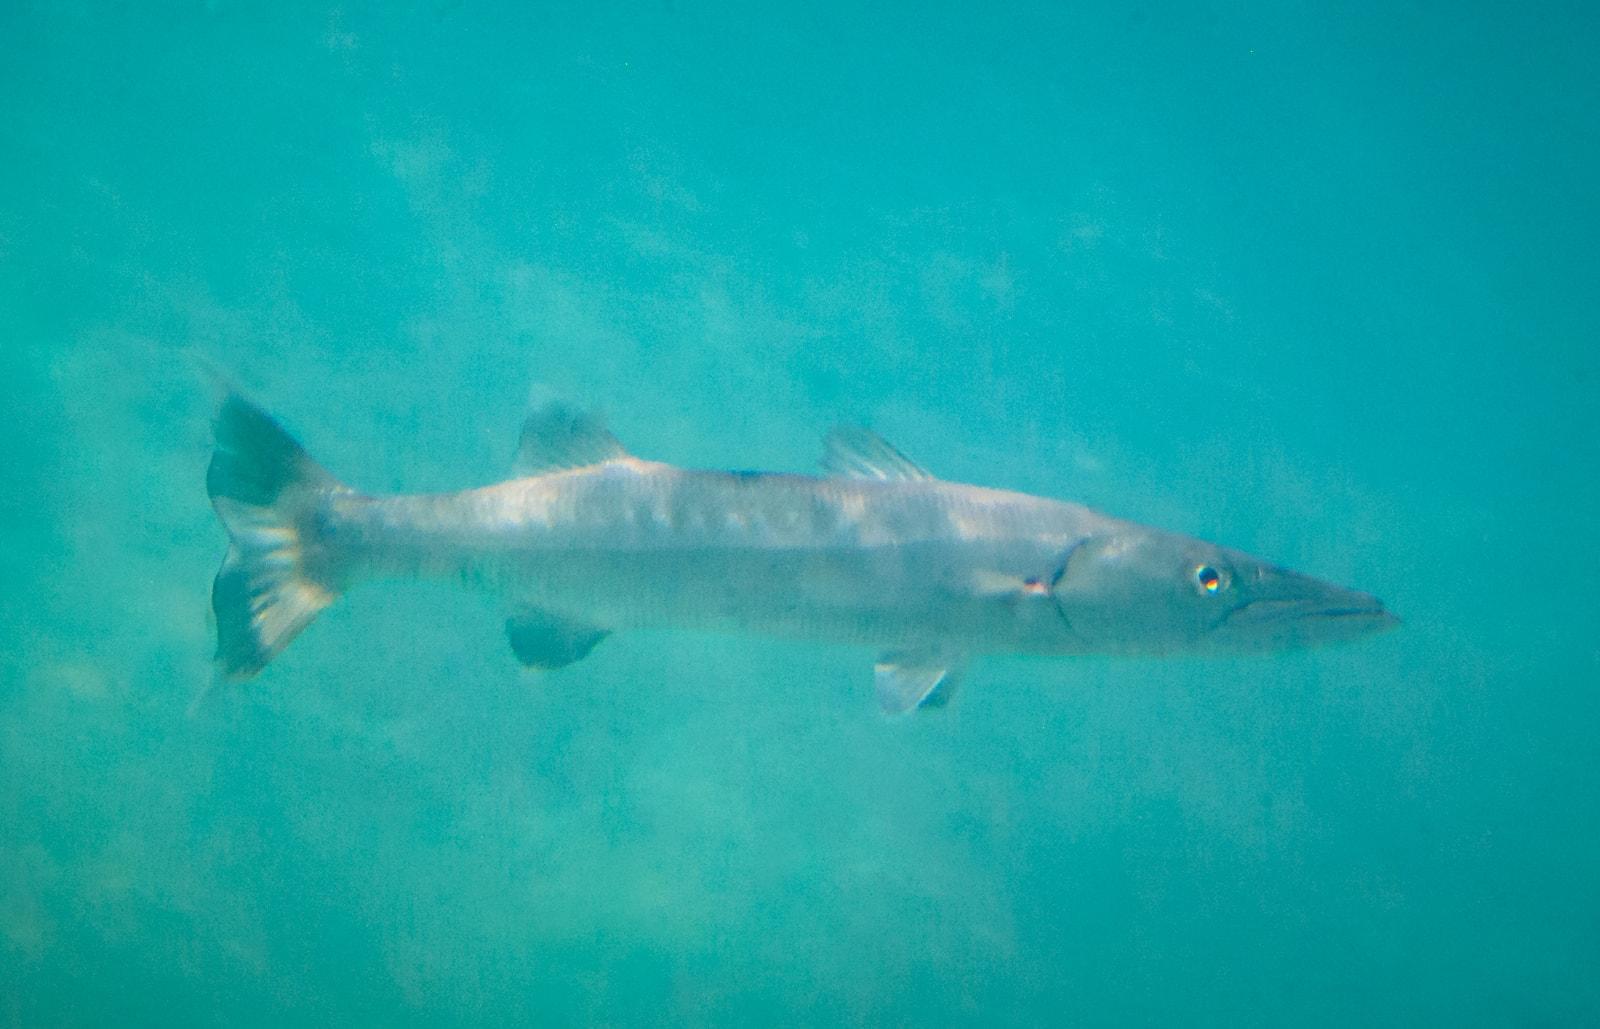 The Great barracuda (Sphyraena barracuda), Underwater Photography